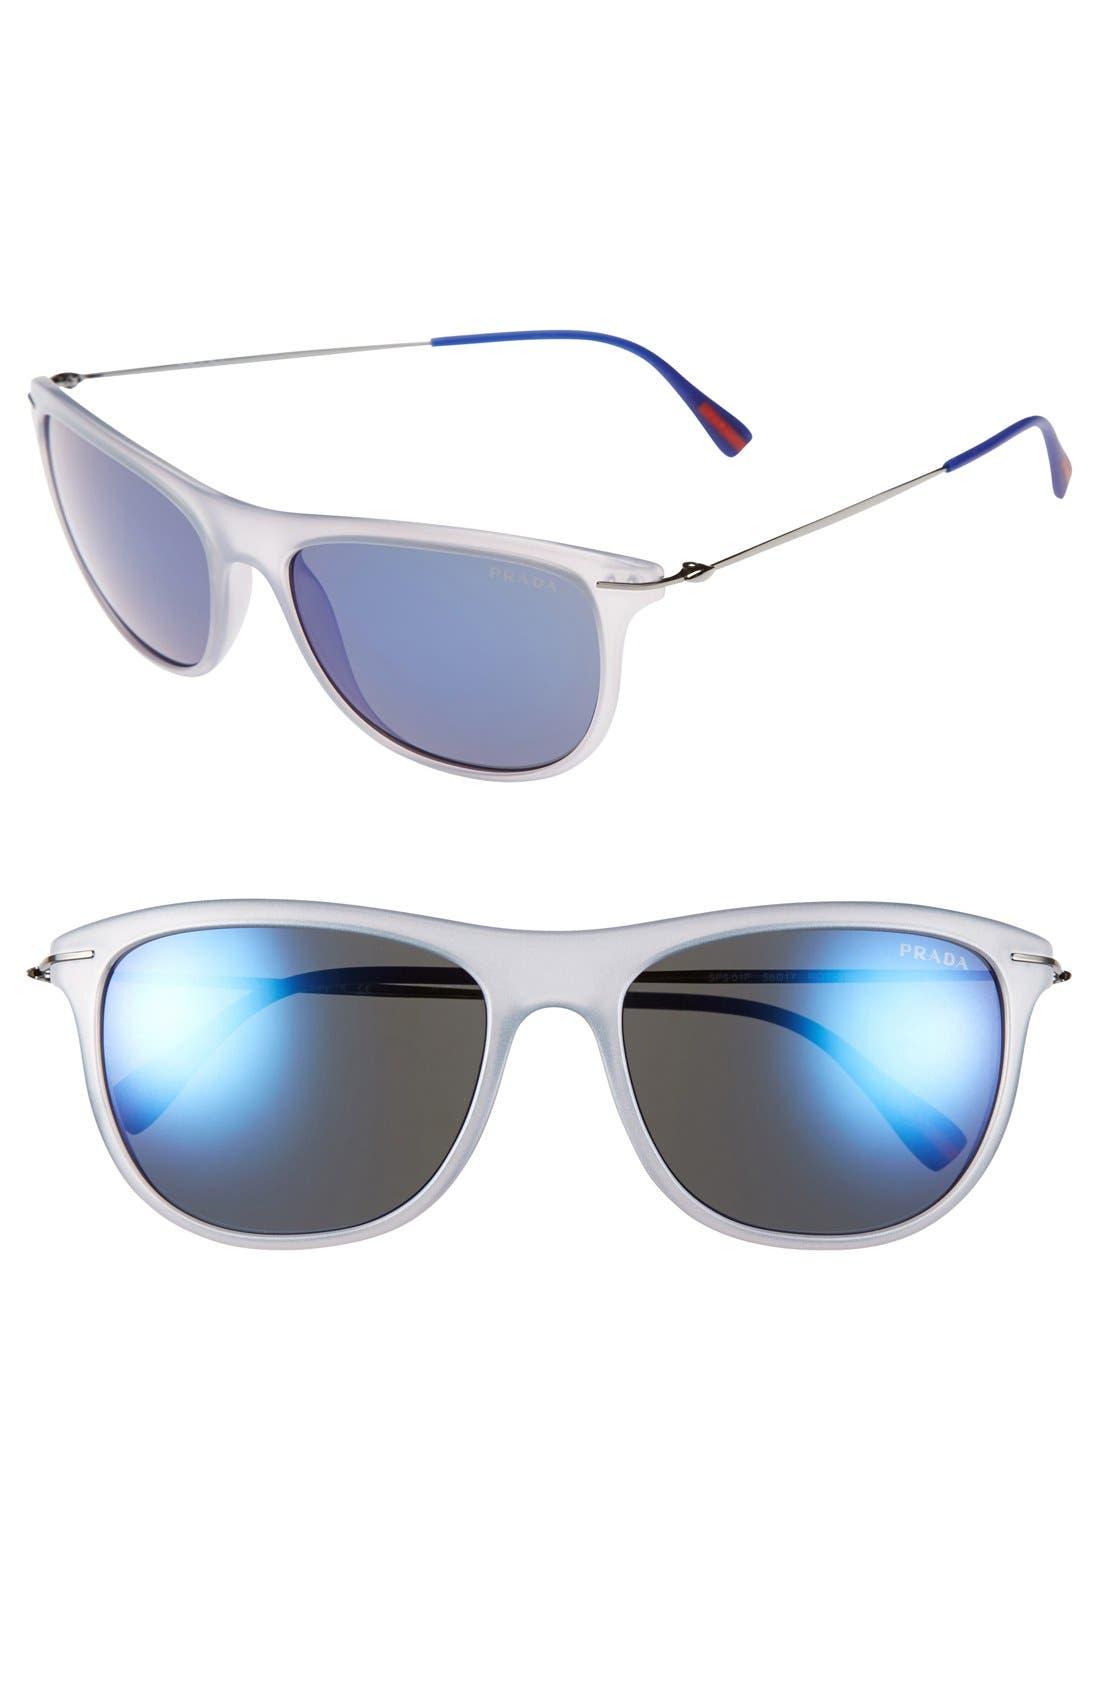 Alternate Image 1 Selected - Prada 'Pilot' 56mm Sunglasses